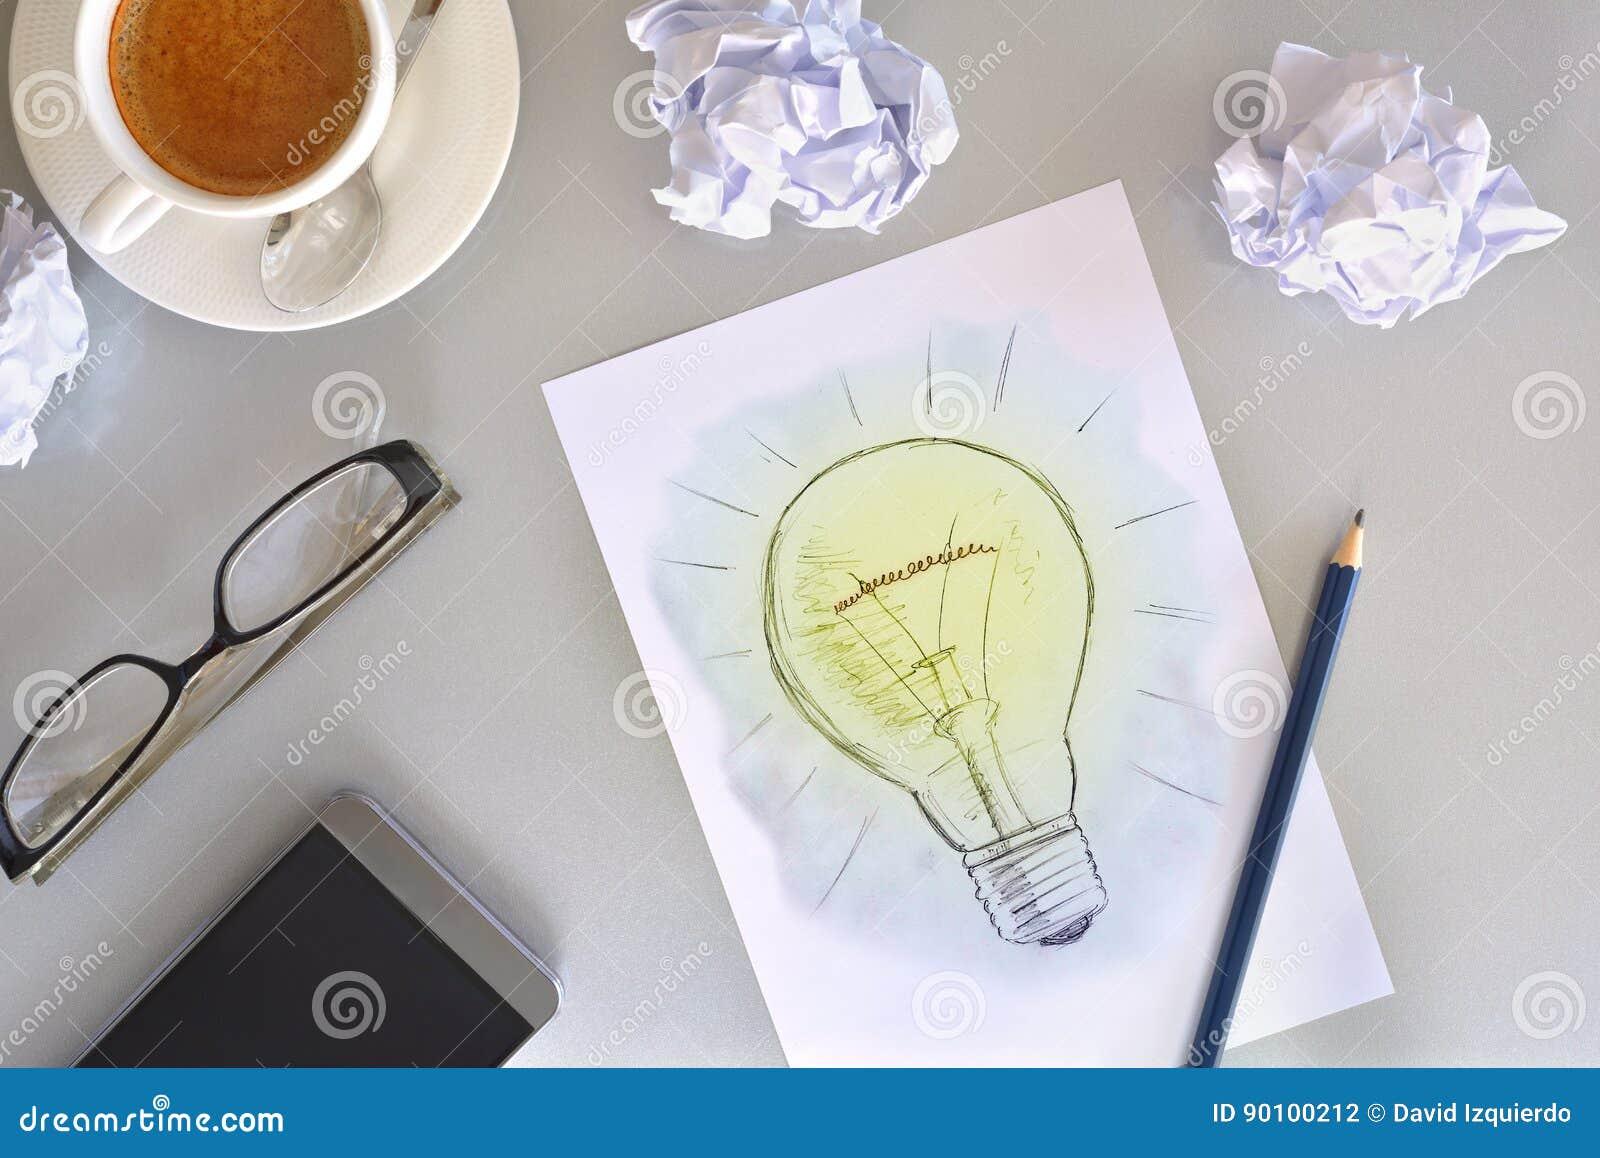 Ideenkonzept Mit Der Glühlampe Gezeichnet Auf Blatt Auf